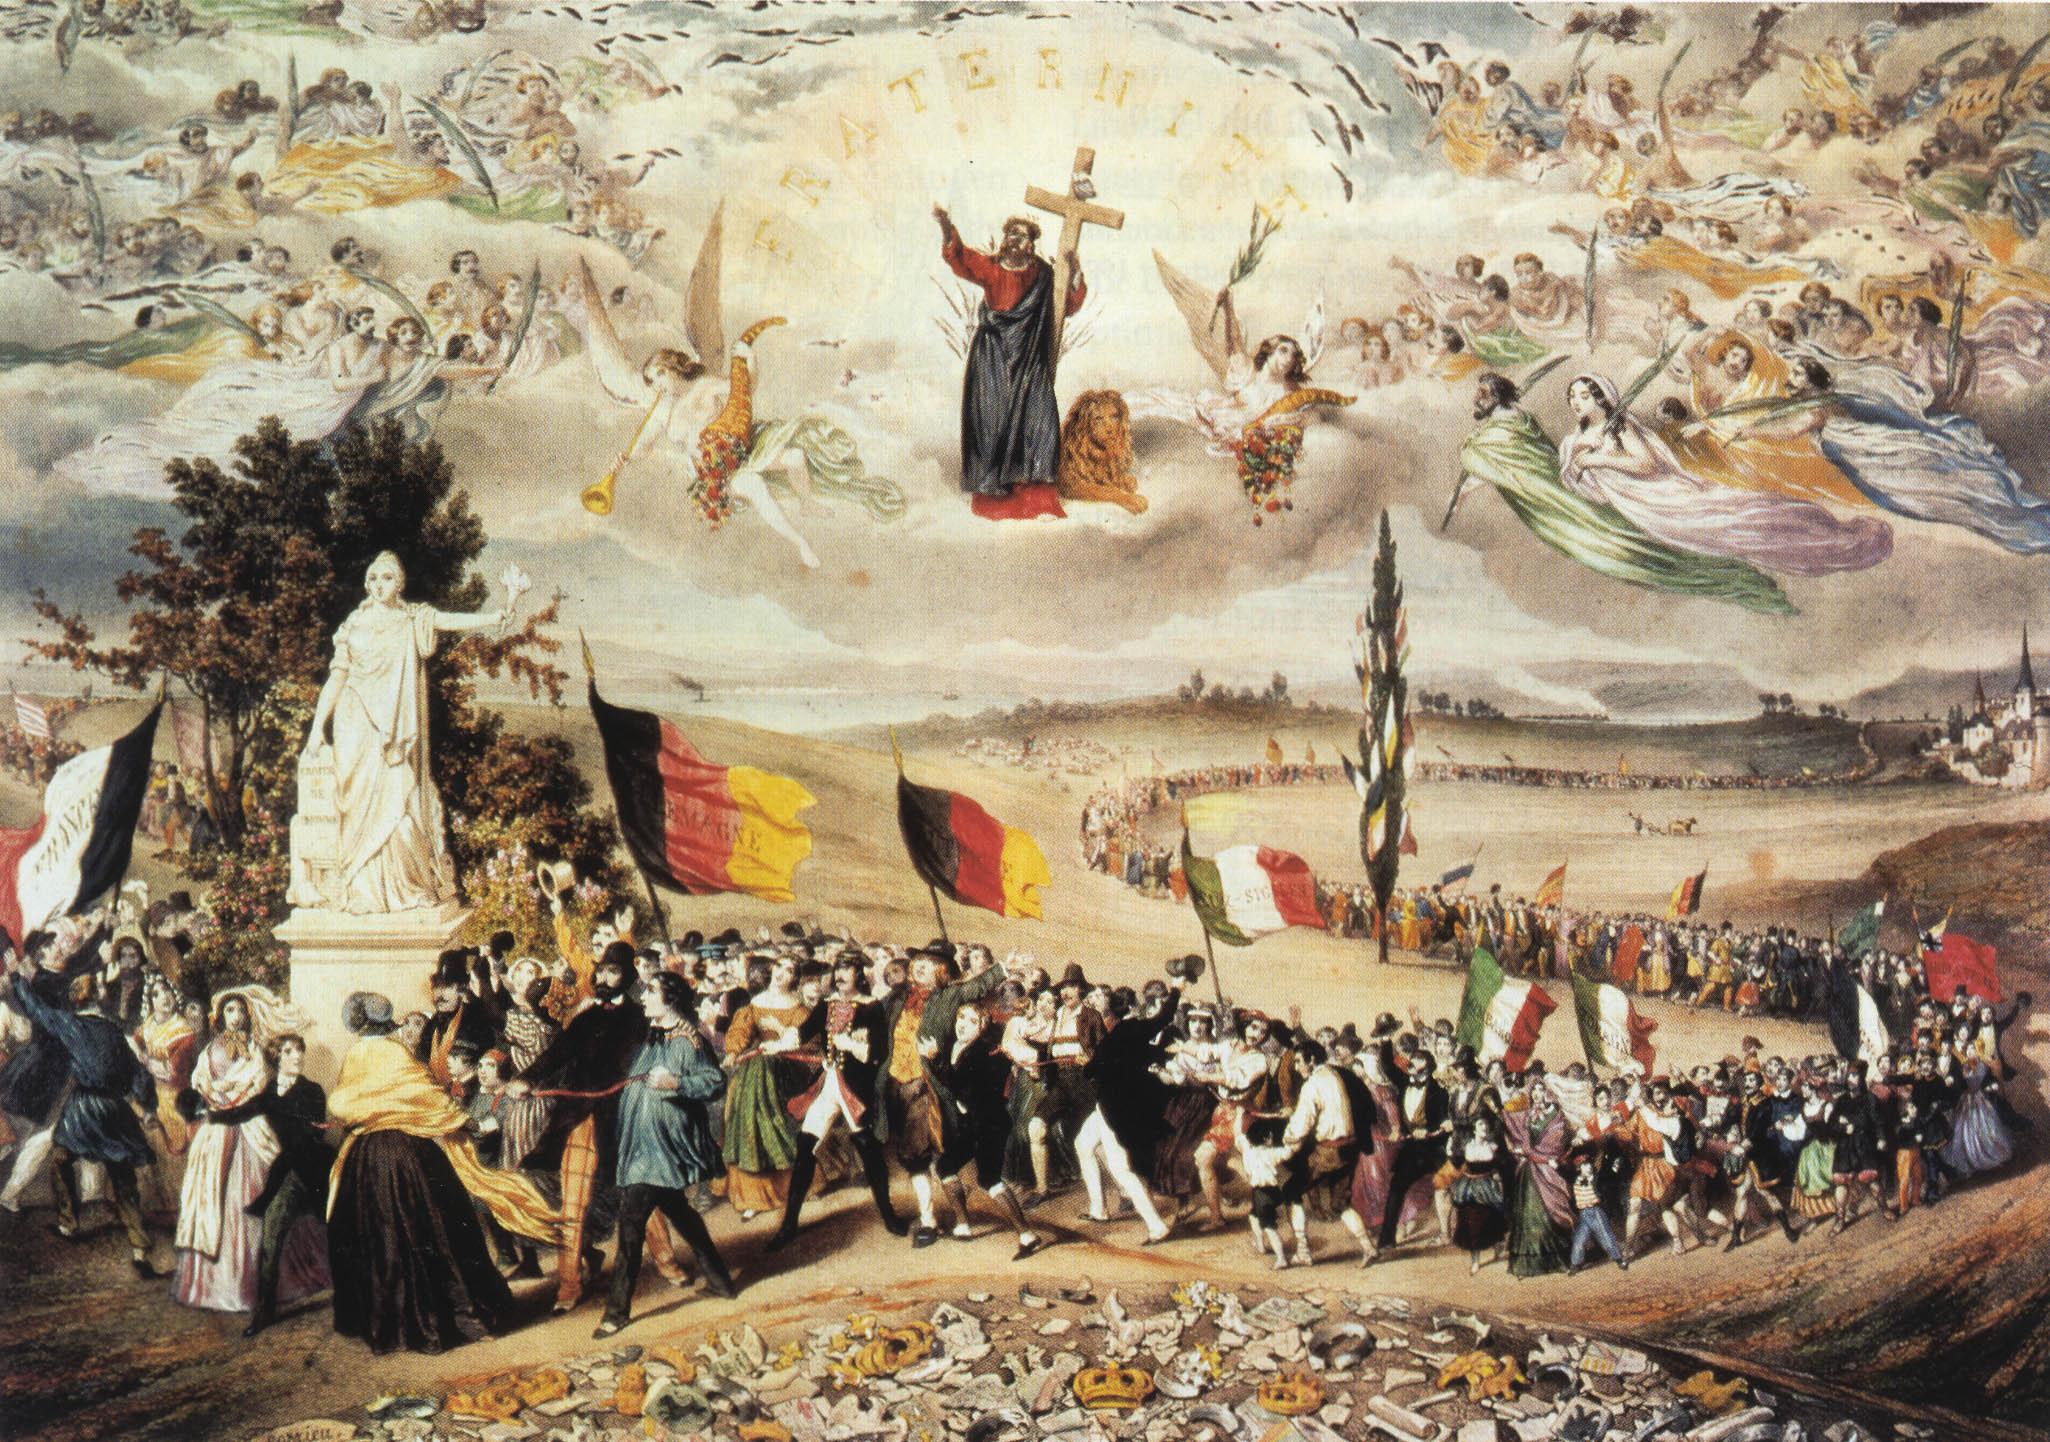 Inno - Rappresentazione pittorica del 1848: la Primavera dei Popoli europei